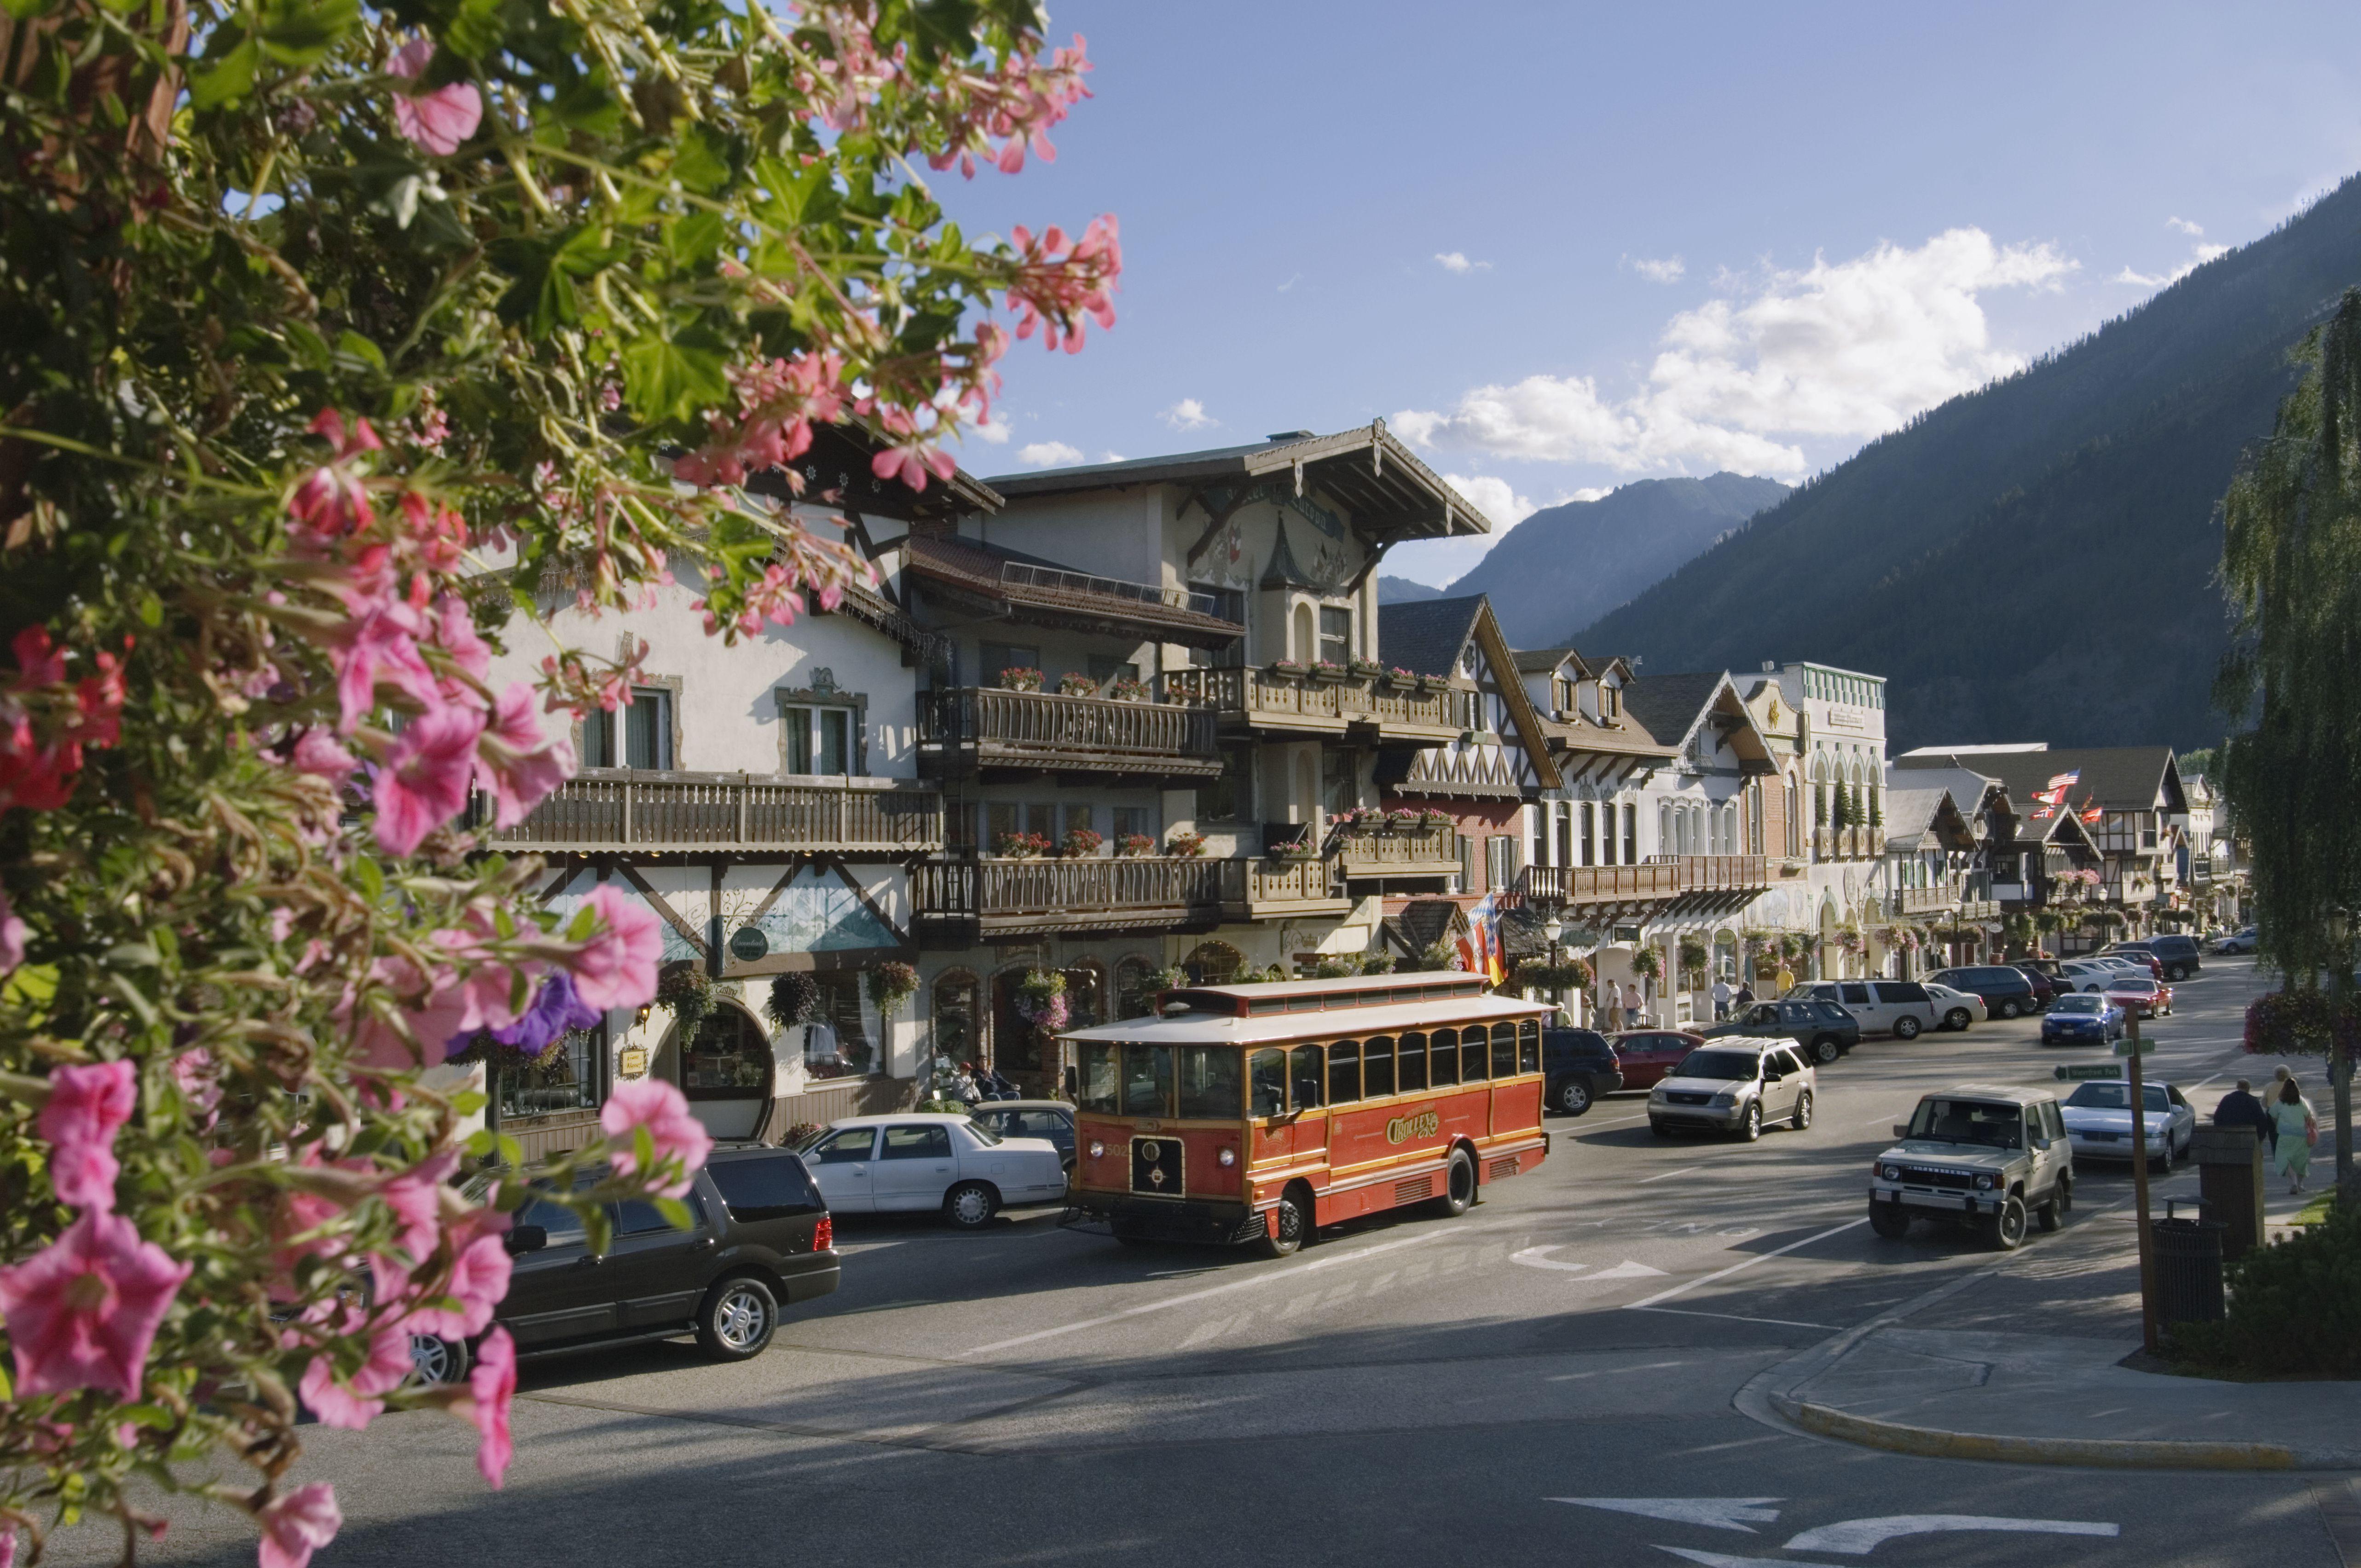 Traffic on street in Leavenworth near Cascade Mountains